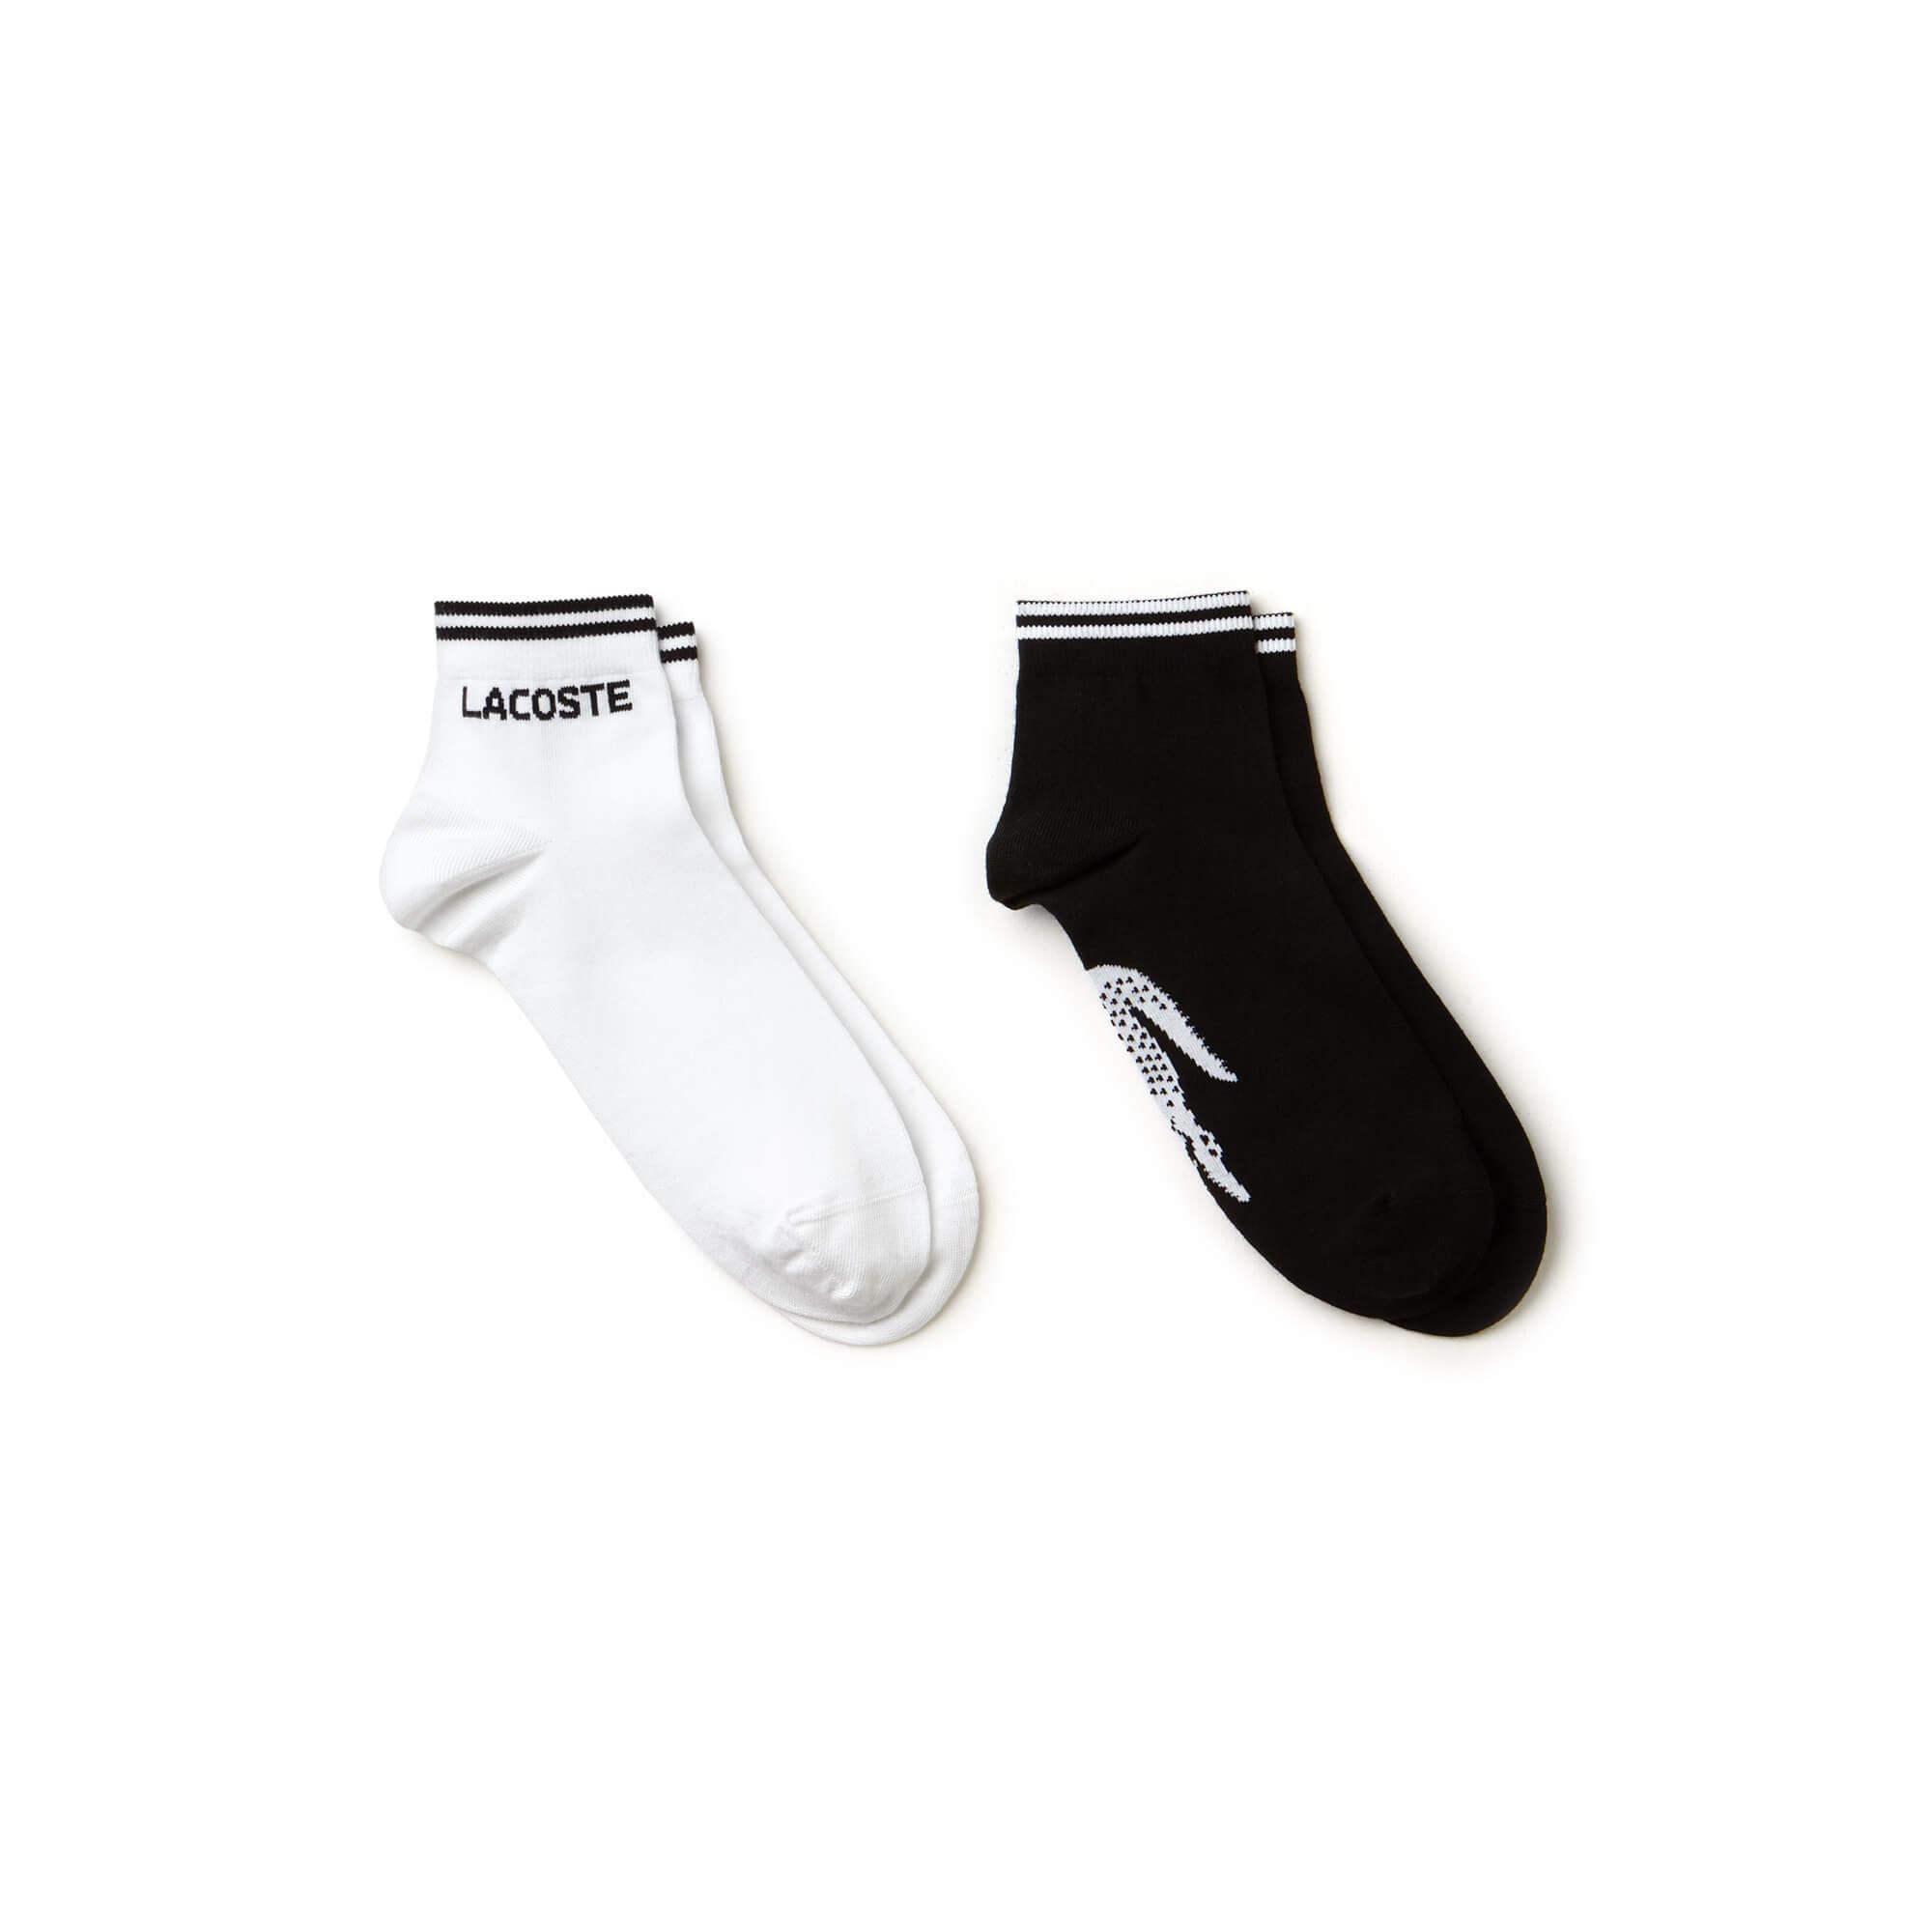 Lacoste Unisex Sport Siyah-Beyaz 2'li Çorap